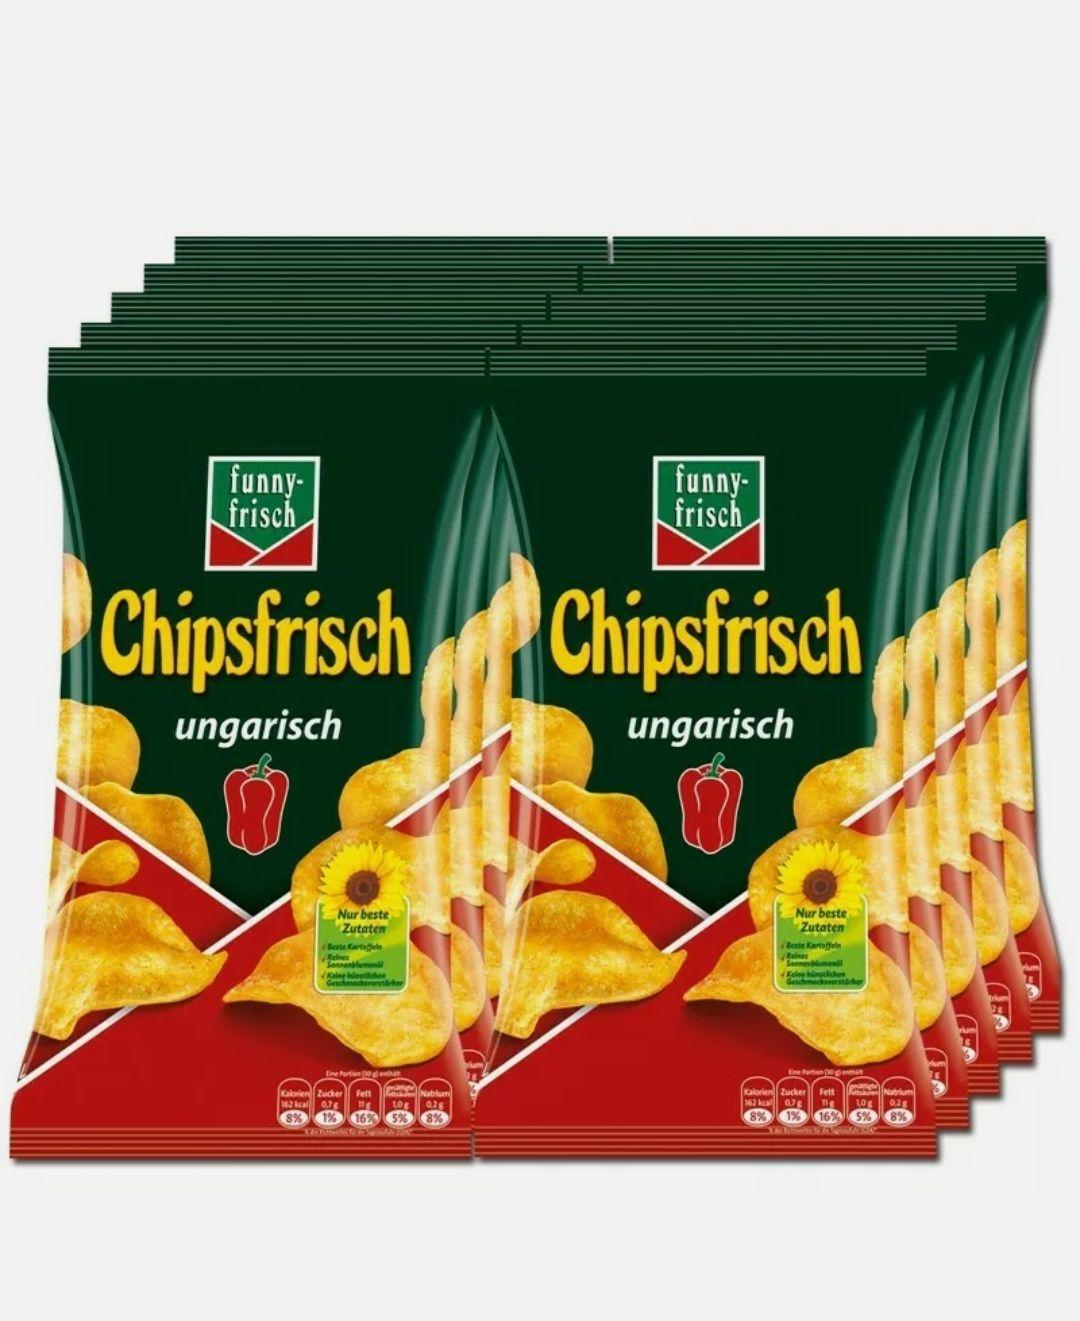 10x175 g Chips funny-frisch Chipsfrisch ungarisch, durch 5er Sparabo 7,38€ möglich (73 Cent pro) - Prime*Sparabo*